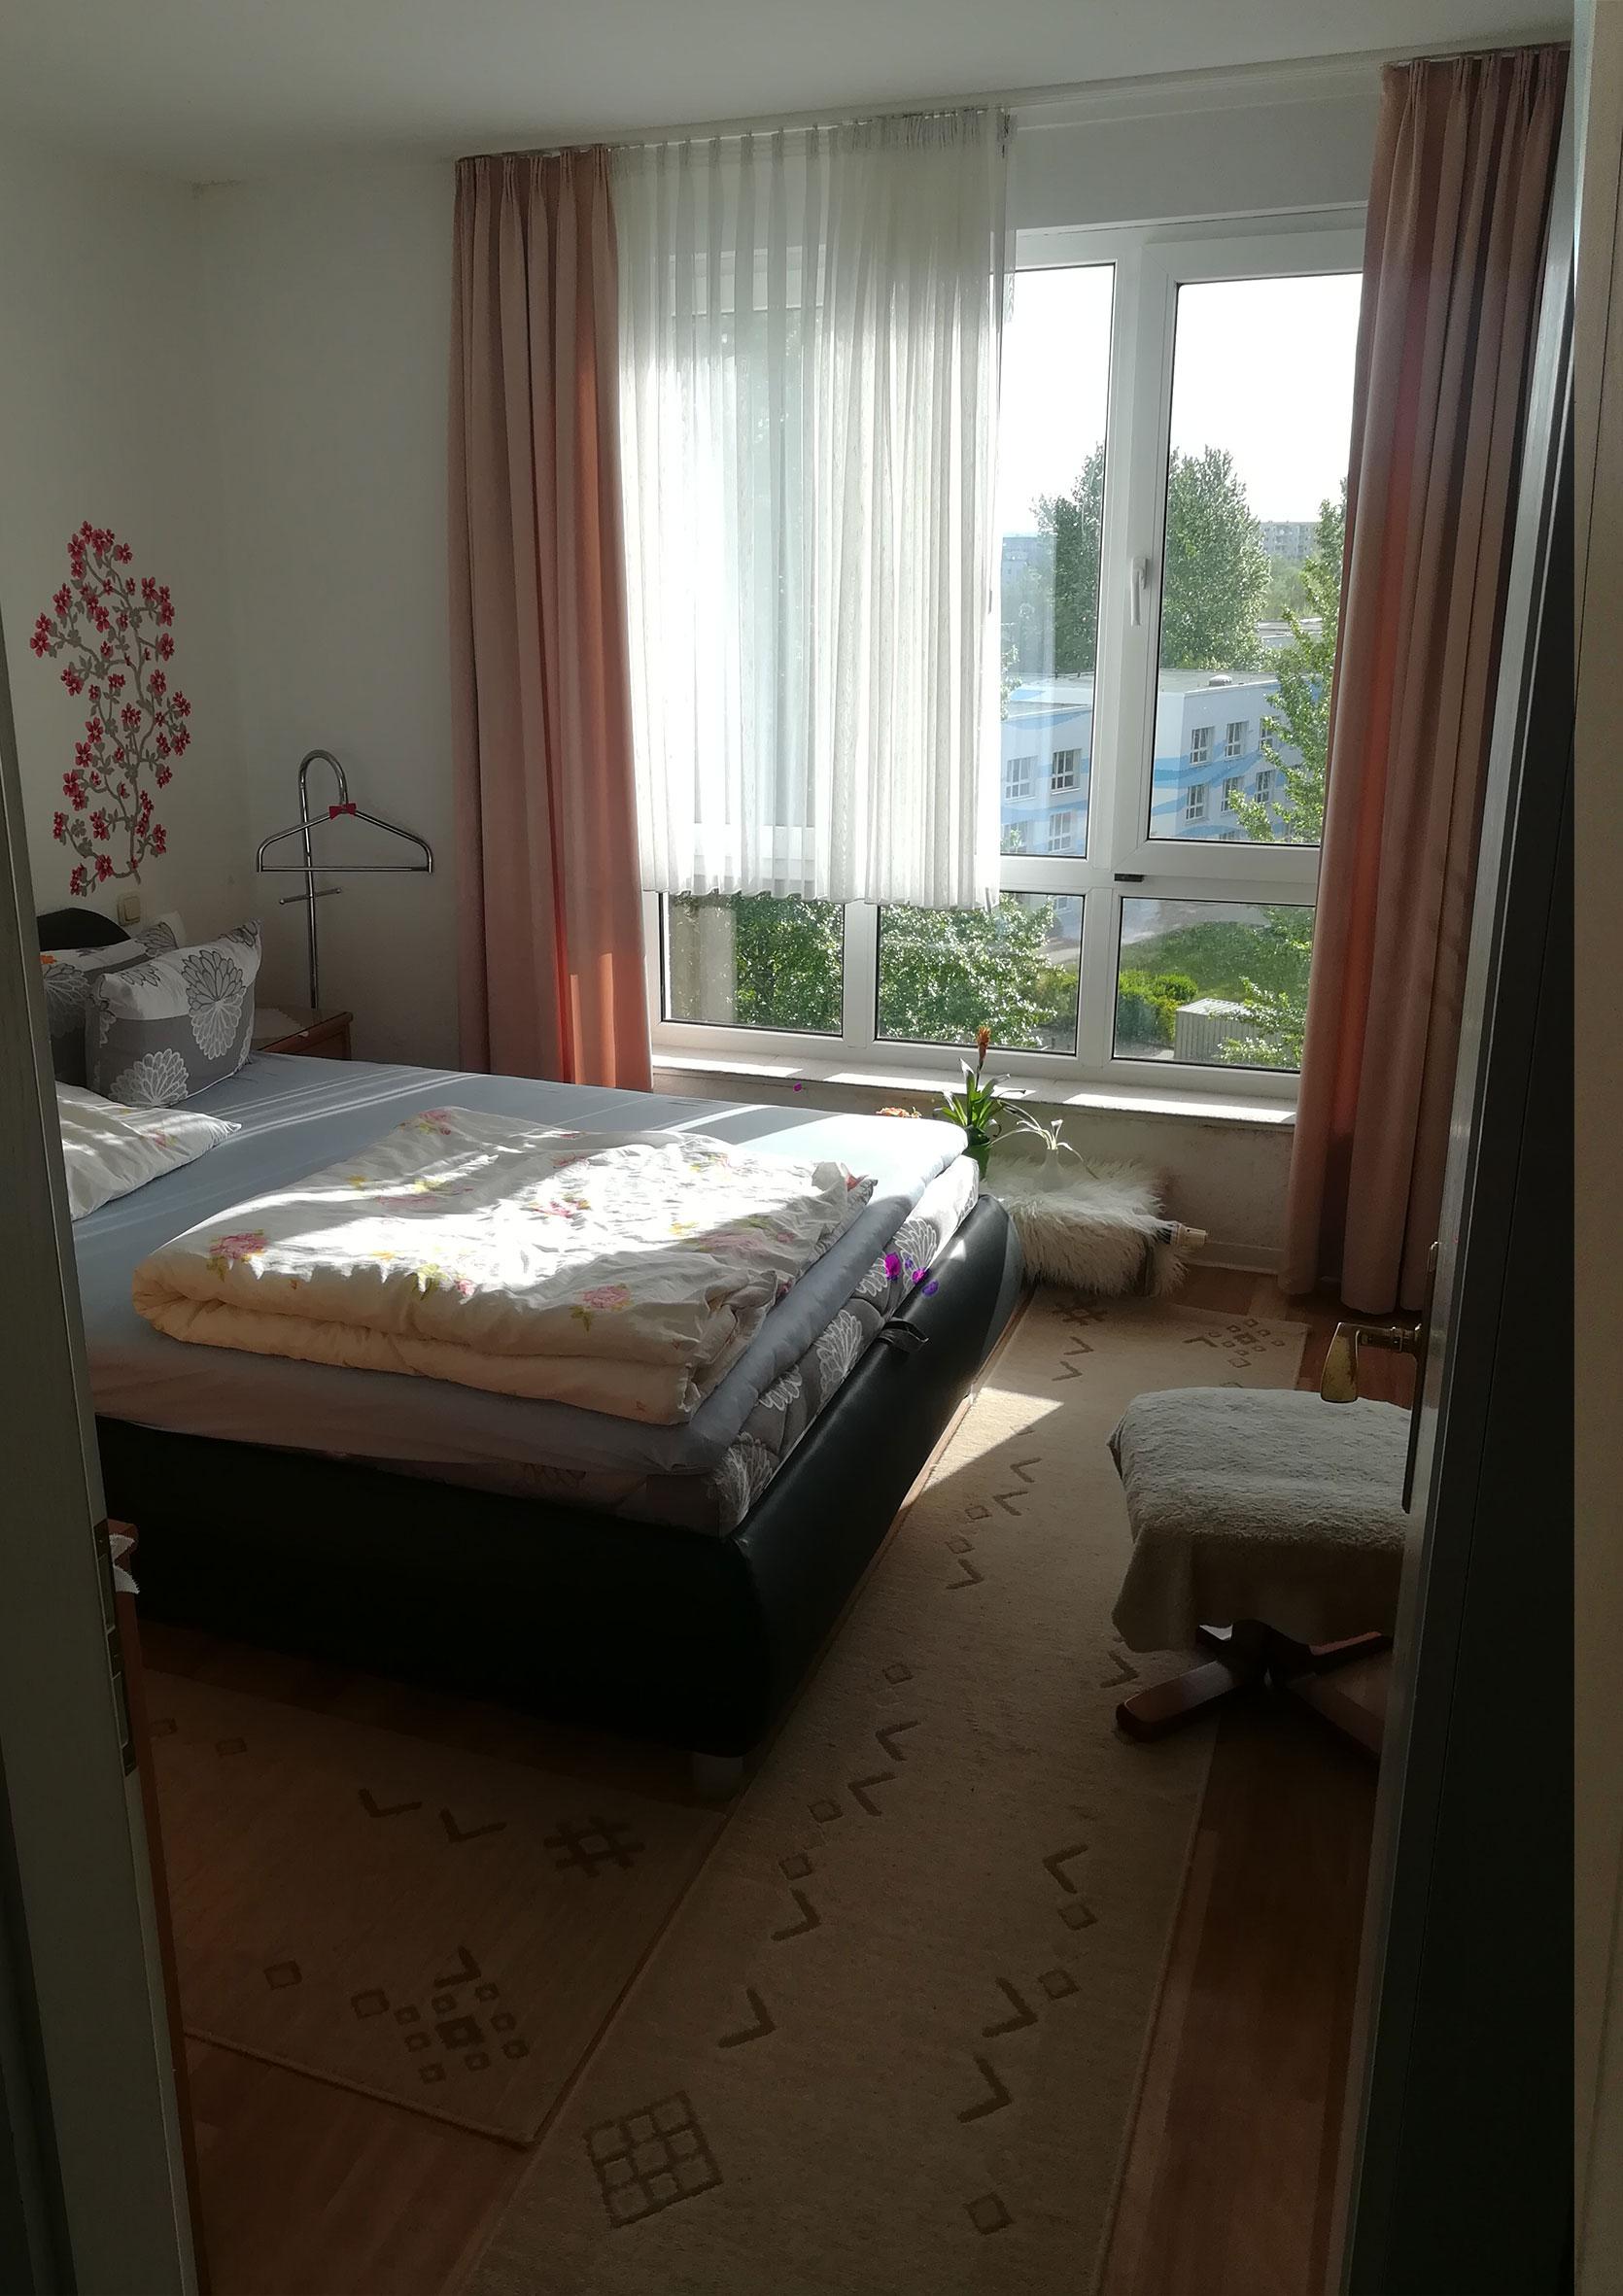 Schlafzimmer vorher Haushaltsauflösung Rostock